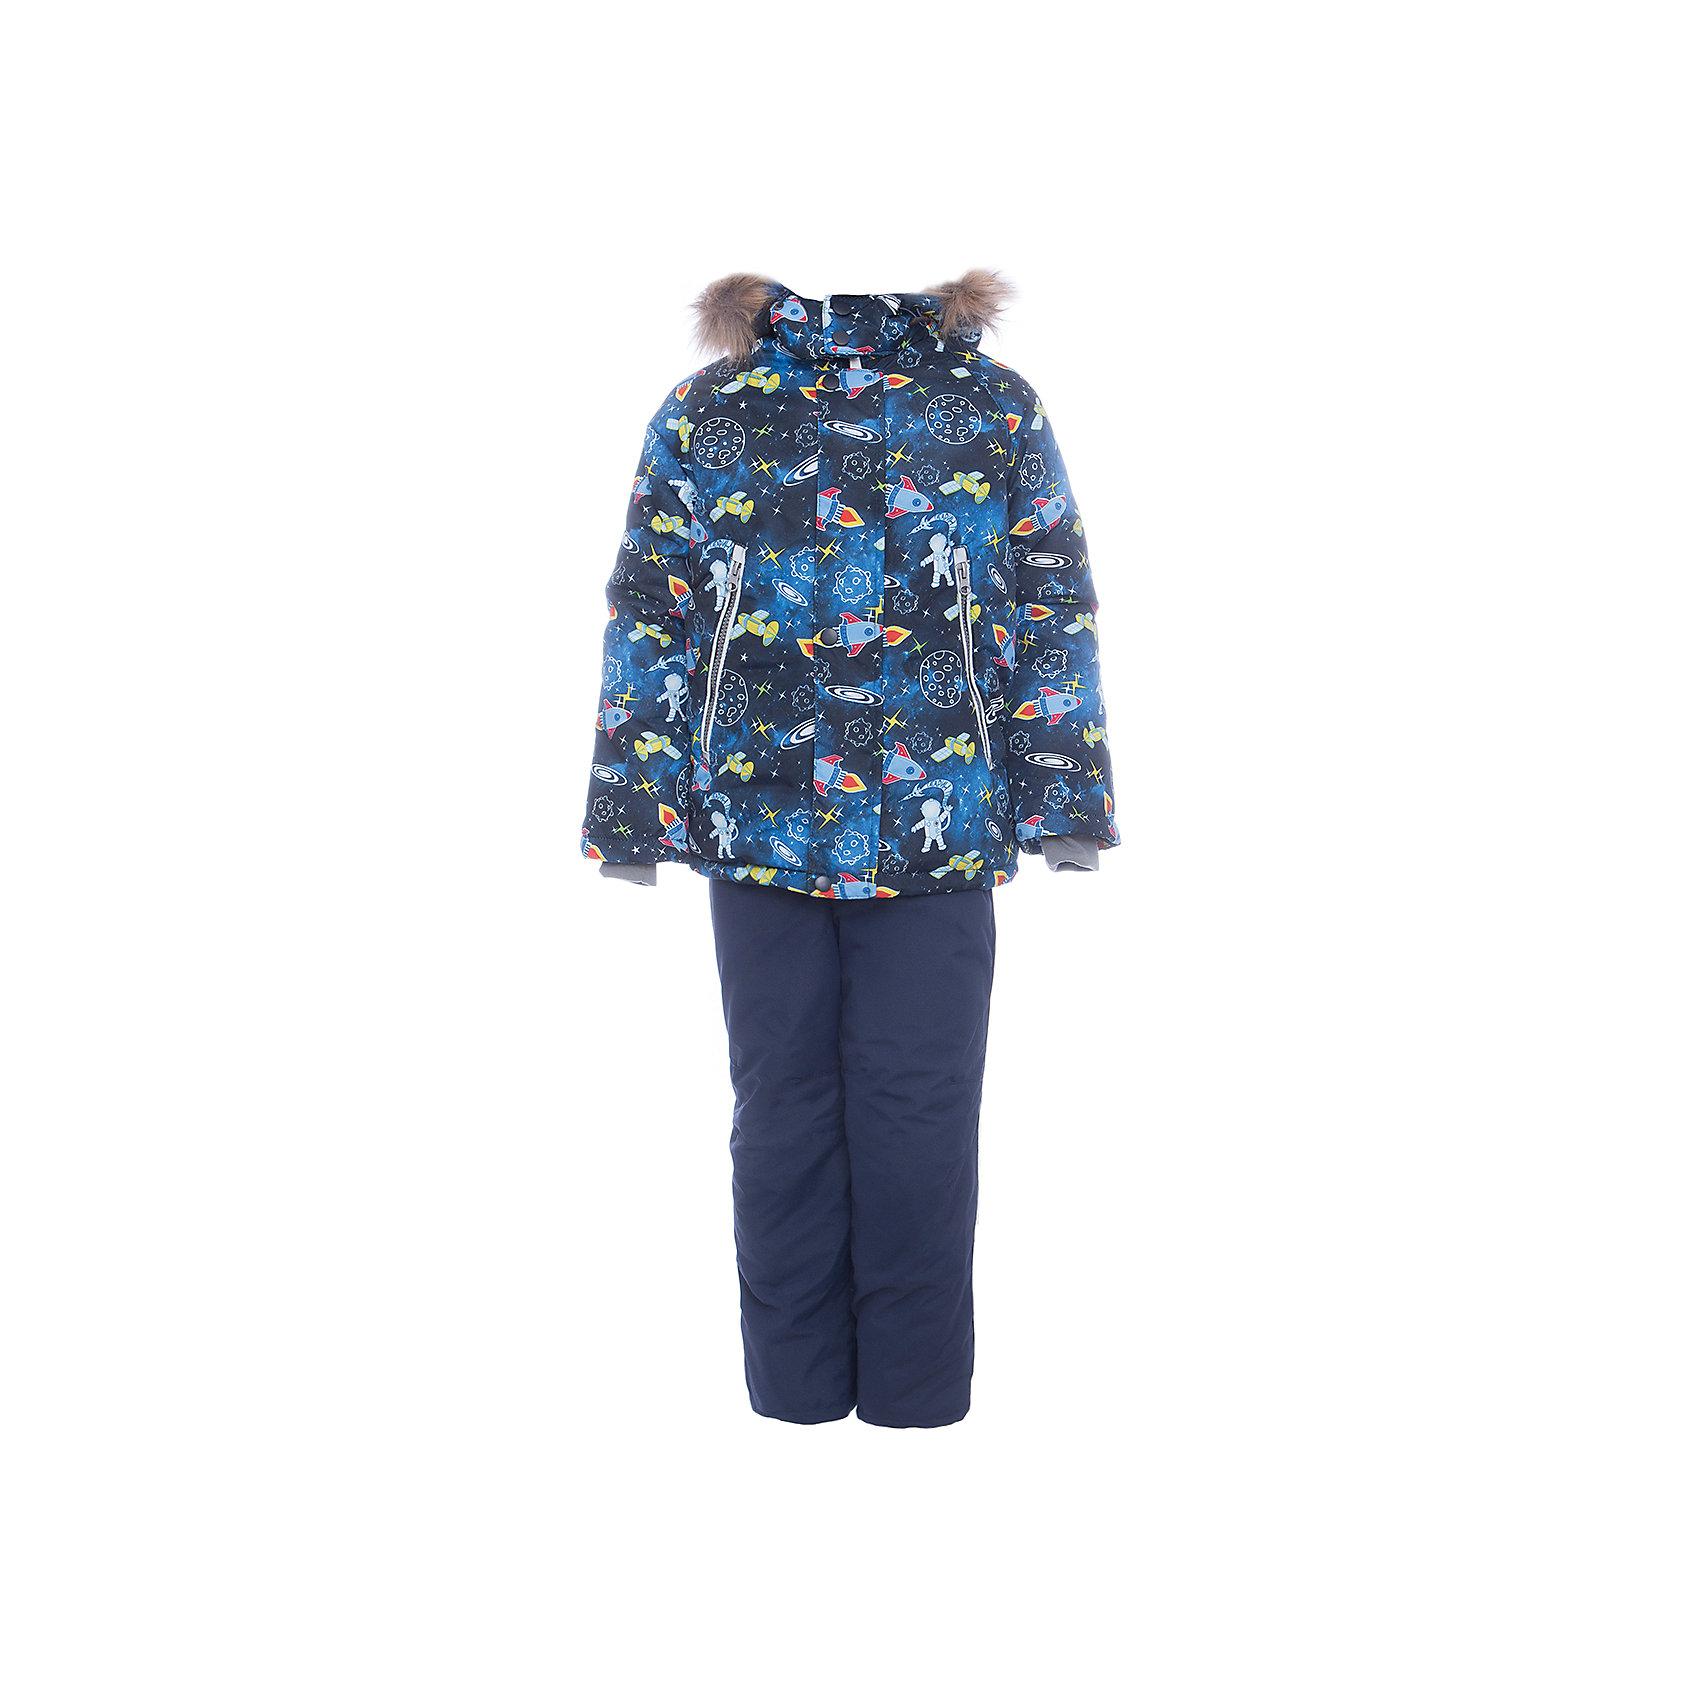 Комплект: куртка и полукомбенизон Космос Batik для мальчикаВерхняя одежда<br>Комплект: куртка и полукомбенизон Космос Batik для мальчика<br>Верхняя ткань обладает водоотталкивающими и ветрозащитными свойствами мембраны. Куртка на молнии с ветрозащитной планкой, светоотражающими элементами и съемным капюшоном. Полукомбинезон с отстегивающимися лямками.<br>Состав:<br>Ткань верха - TASLON OXFORD;  Утеплитель - Слайтекс 350;  Подкладка - Полар флис;<br><br>Ширина мм: 356<br>Глубина мм: 10<br>Высота мм: 245<br>Вес г: 519<br>Цвет: синий<br>Возраст от месяцев: 36<br>Возраст до месяцев: 48<br>Пол: Мужской<br>Возраст: Детский<br>Размер: 104,116,110<br>SKU: 7028289